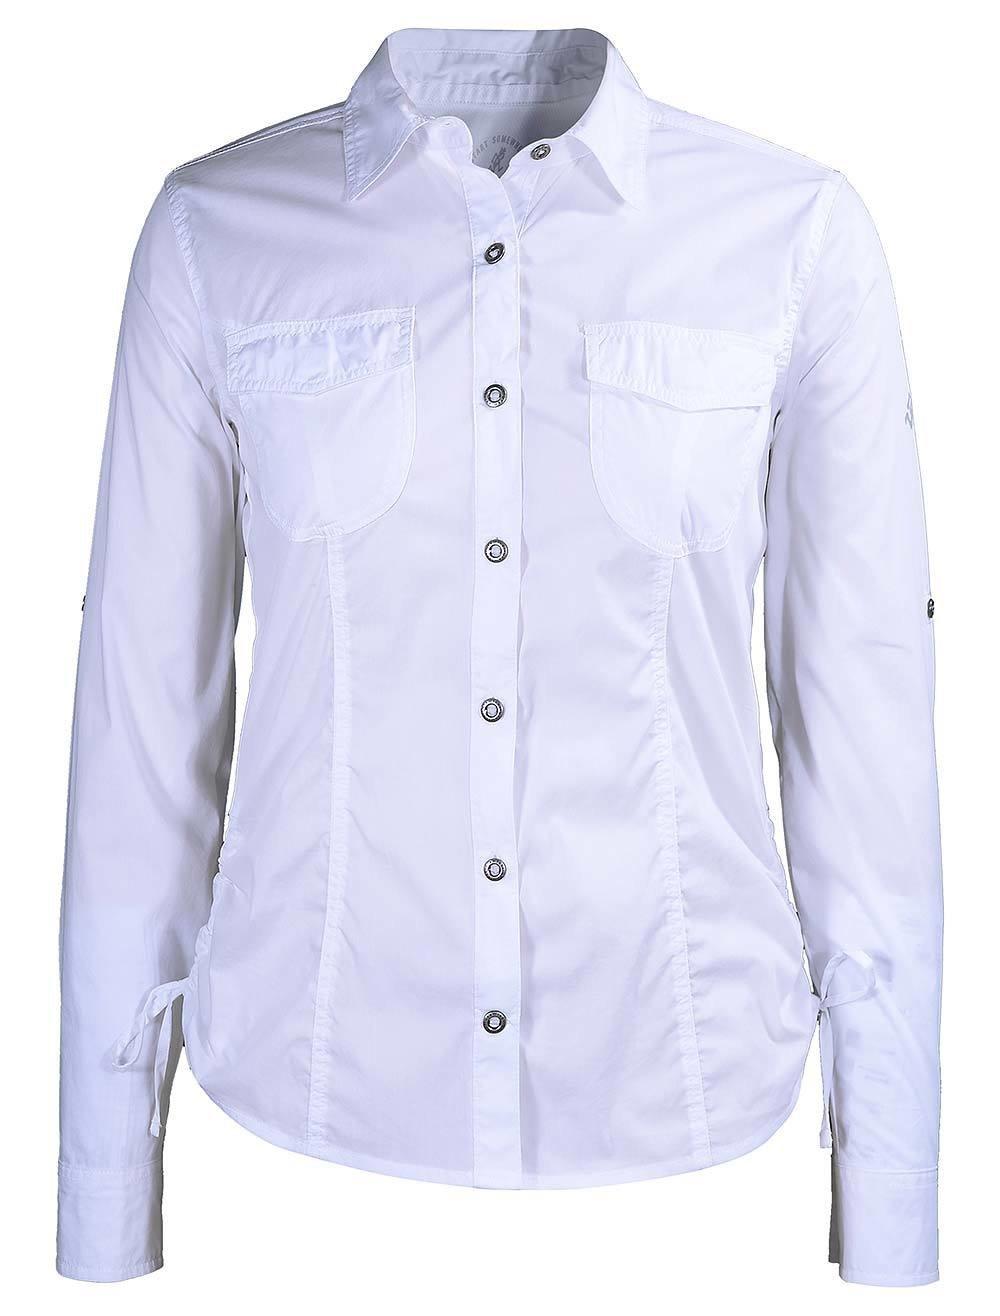 Gramicci No-Squito Women's Long Sleeve Shirt